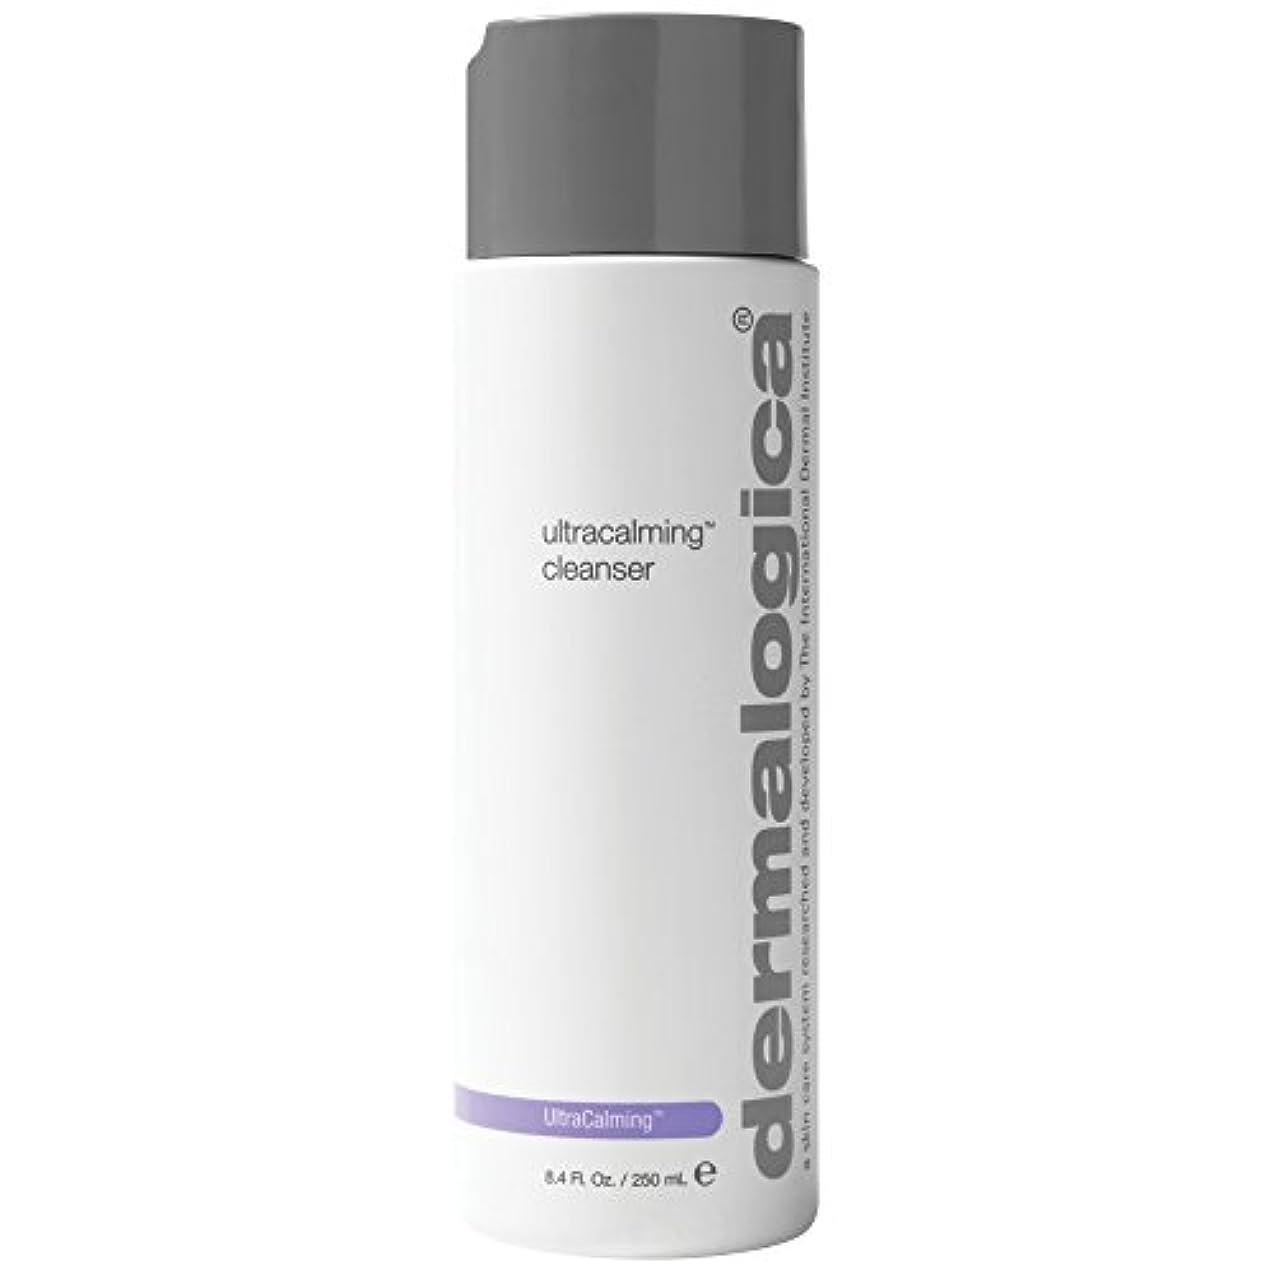 オーブン拮抗十分にダーマロジカUltracalming?クレンザーの250ミリリットル (Dermalogica) (x6) - Dermalogica UltraCalming? Cleanser 250ml (Pack of 6) [...